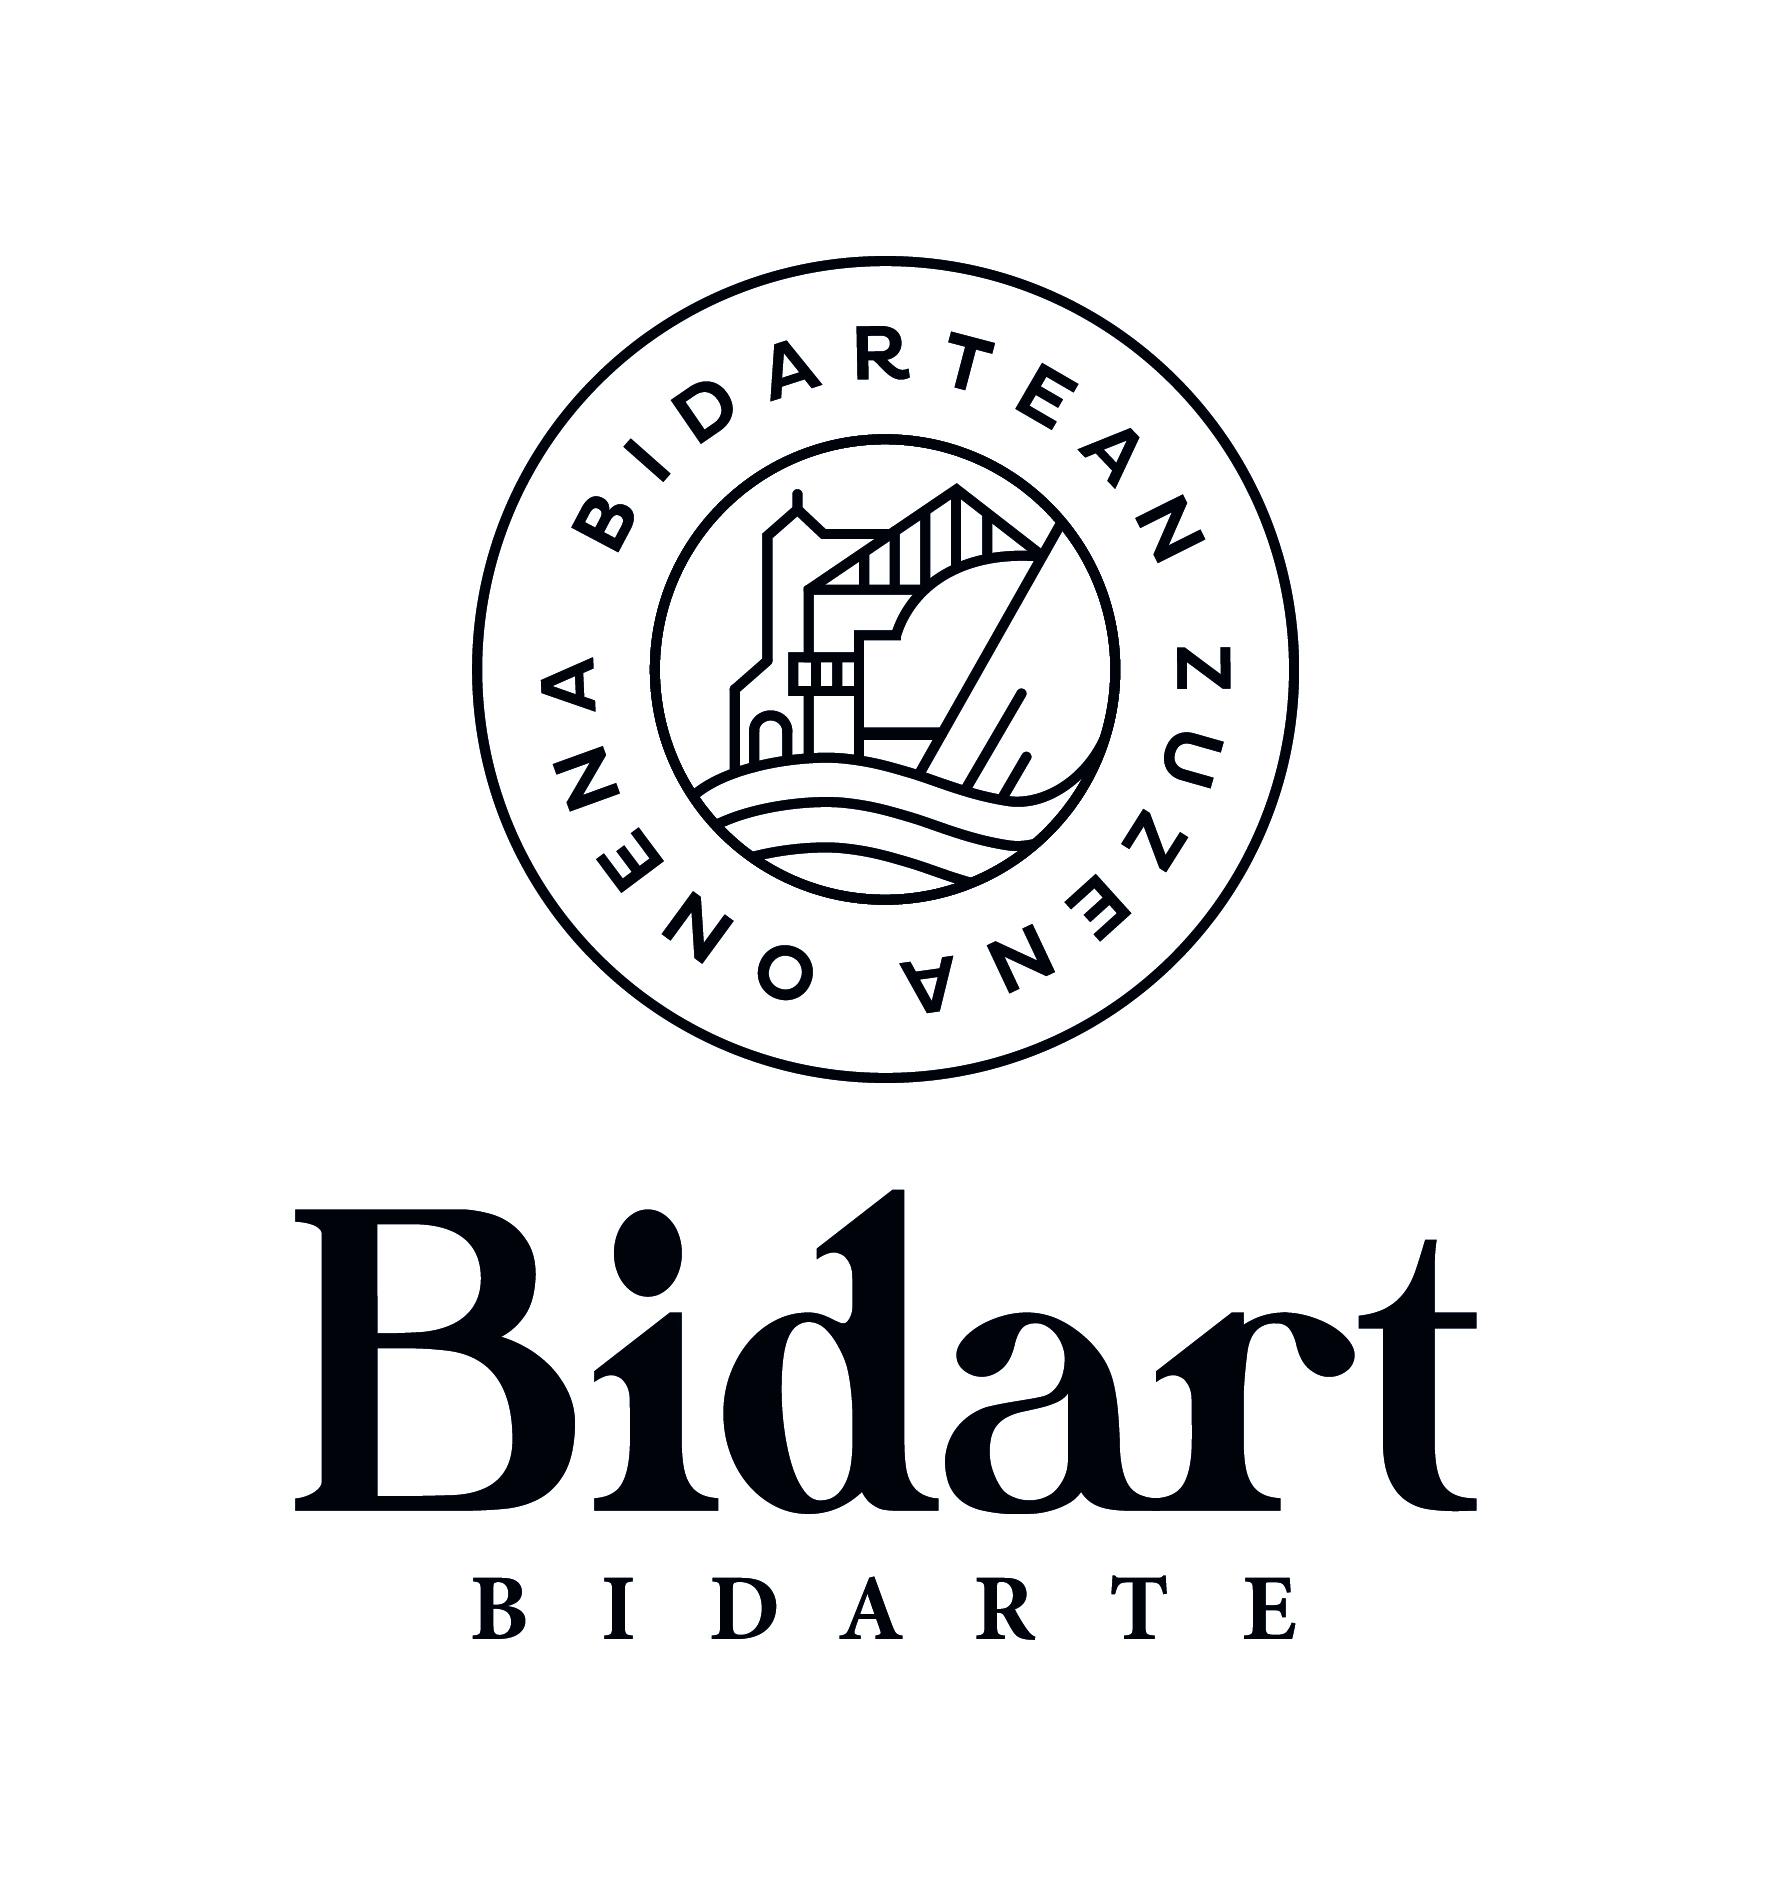 Prestations de services informatiques, internet - Office de Tourisme de Bidart